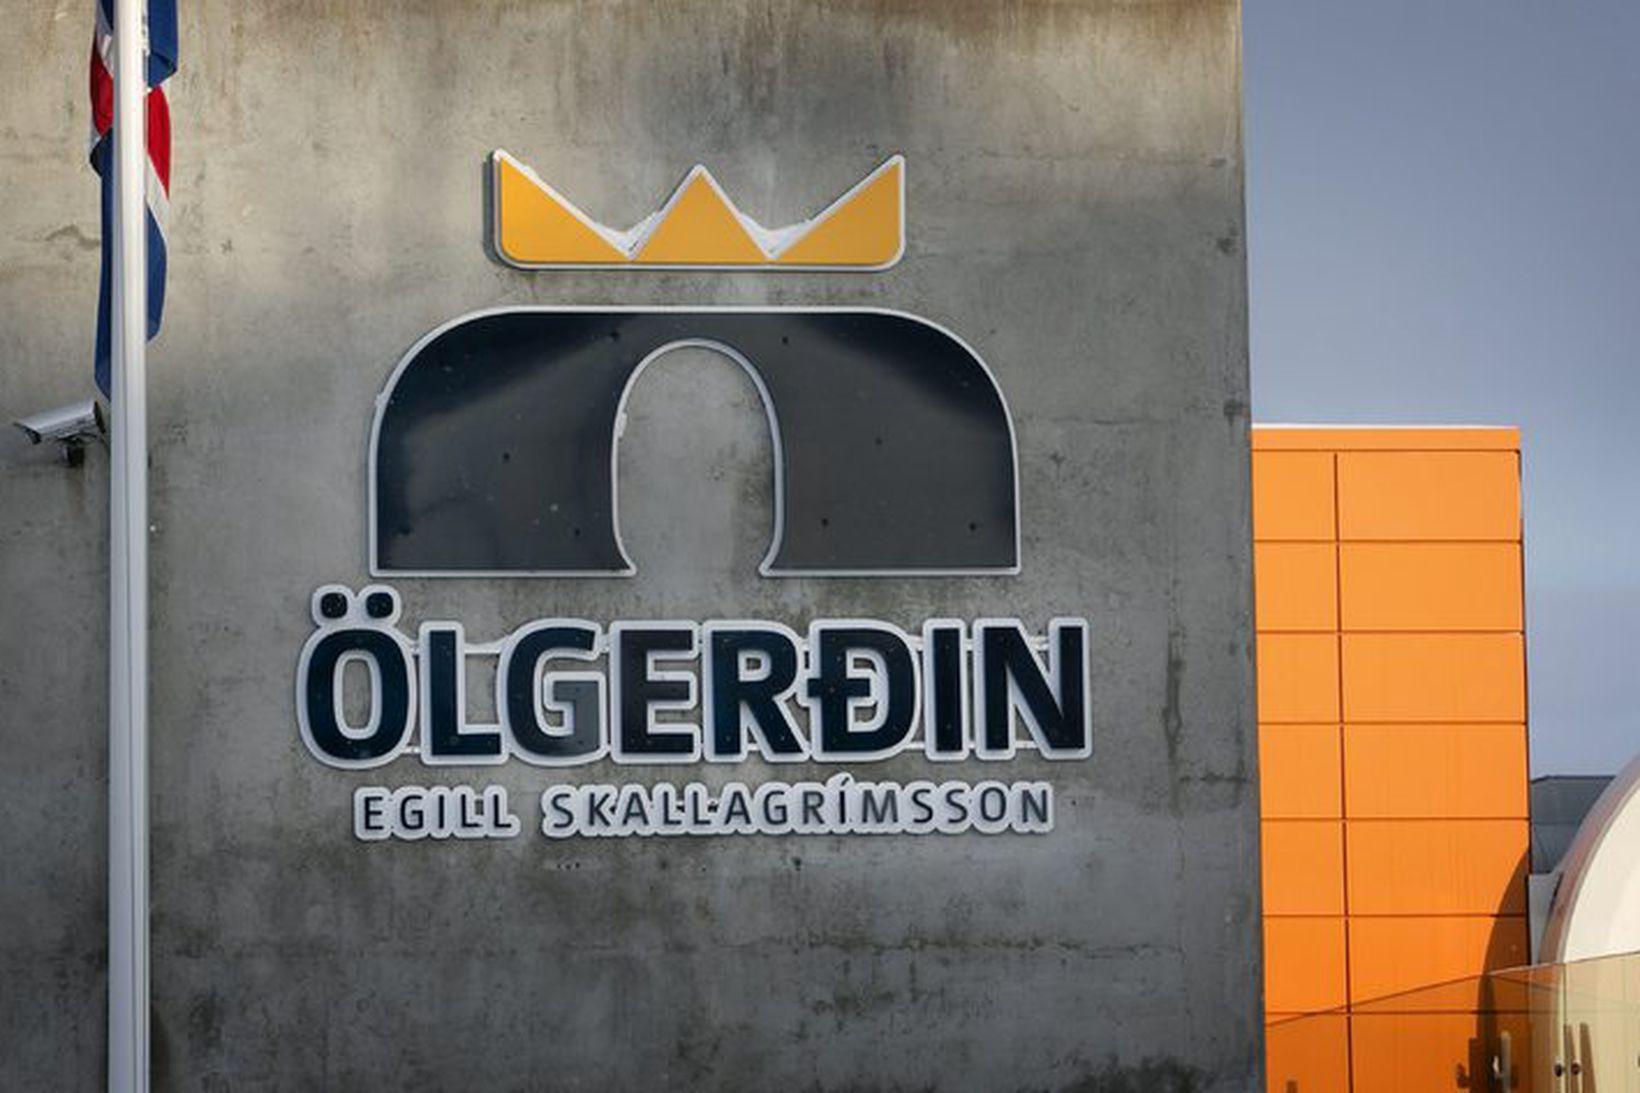 Ölgerðin Egill Skallagrímsson.